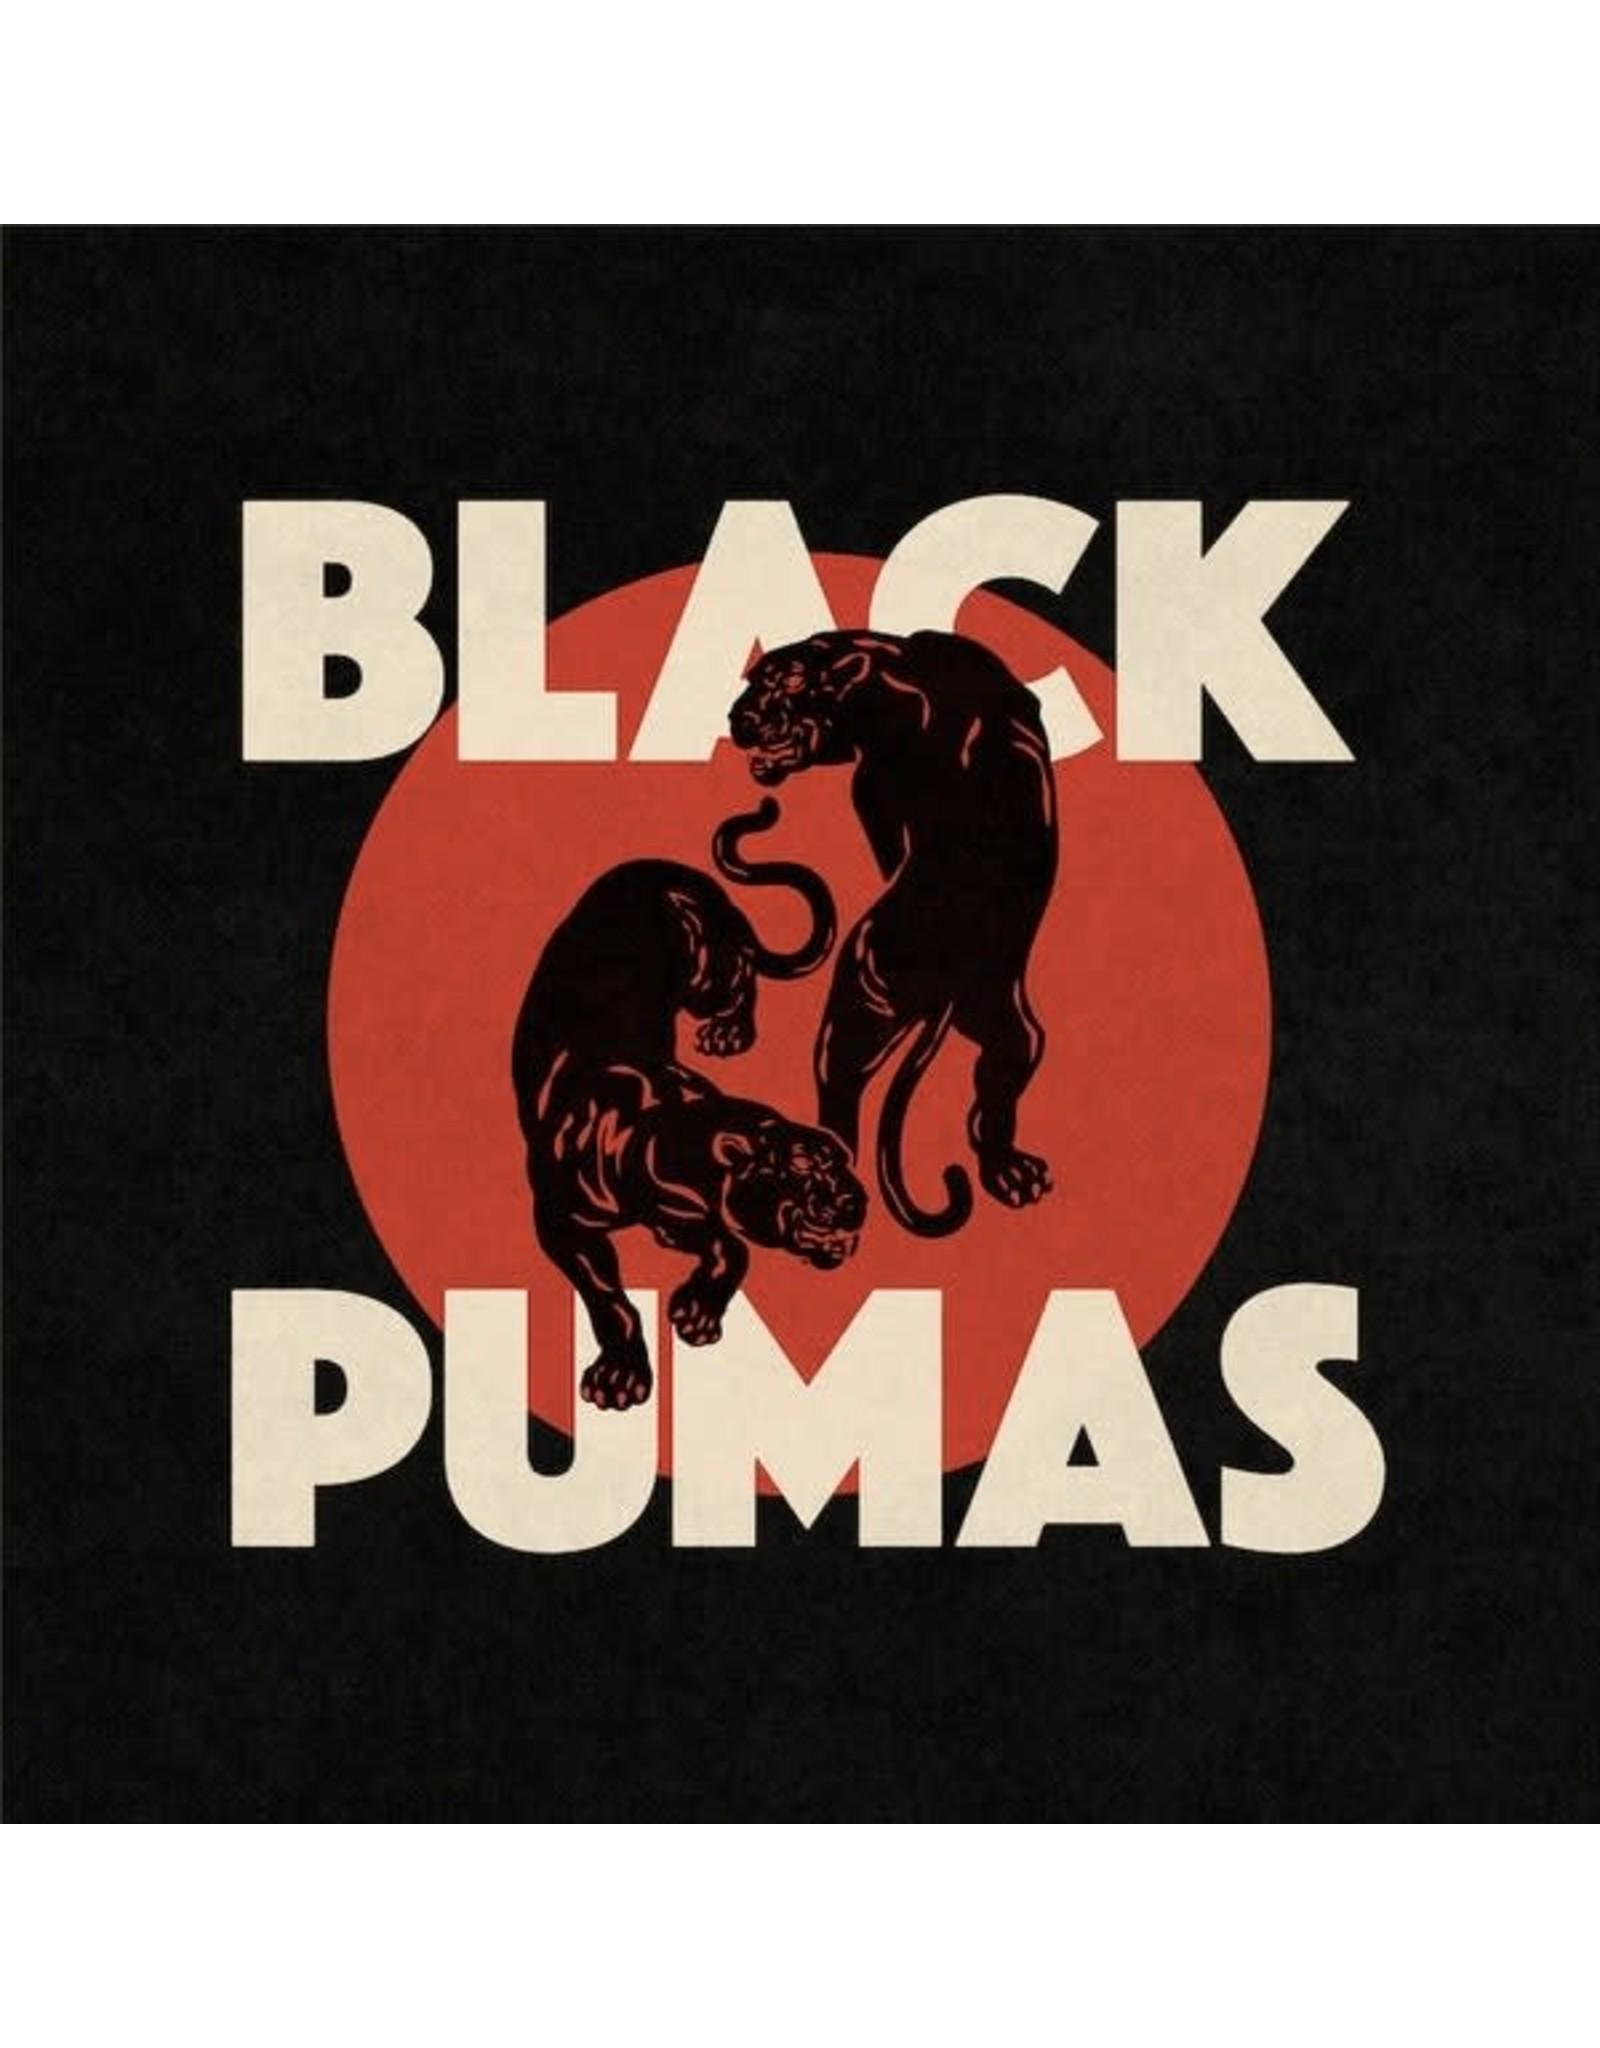 Black Pumas - Black Pumas LP